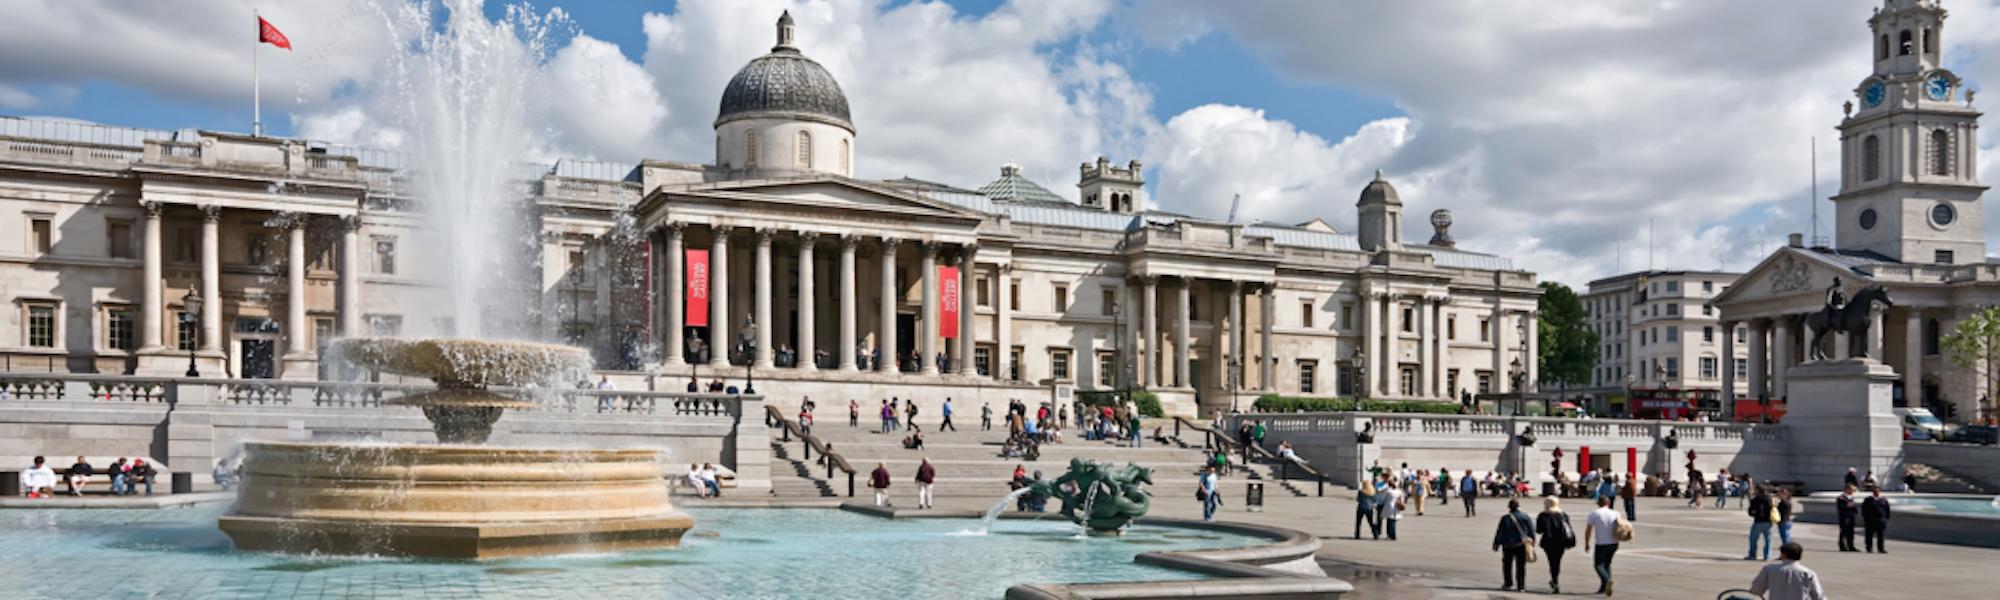 Huur een zaal Trafalgar Square